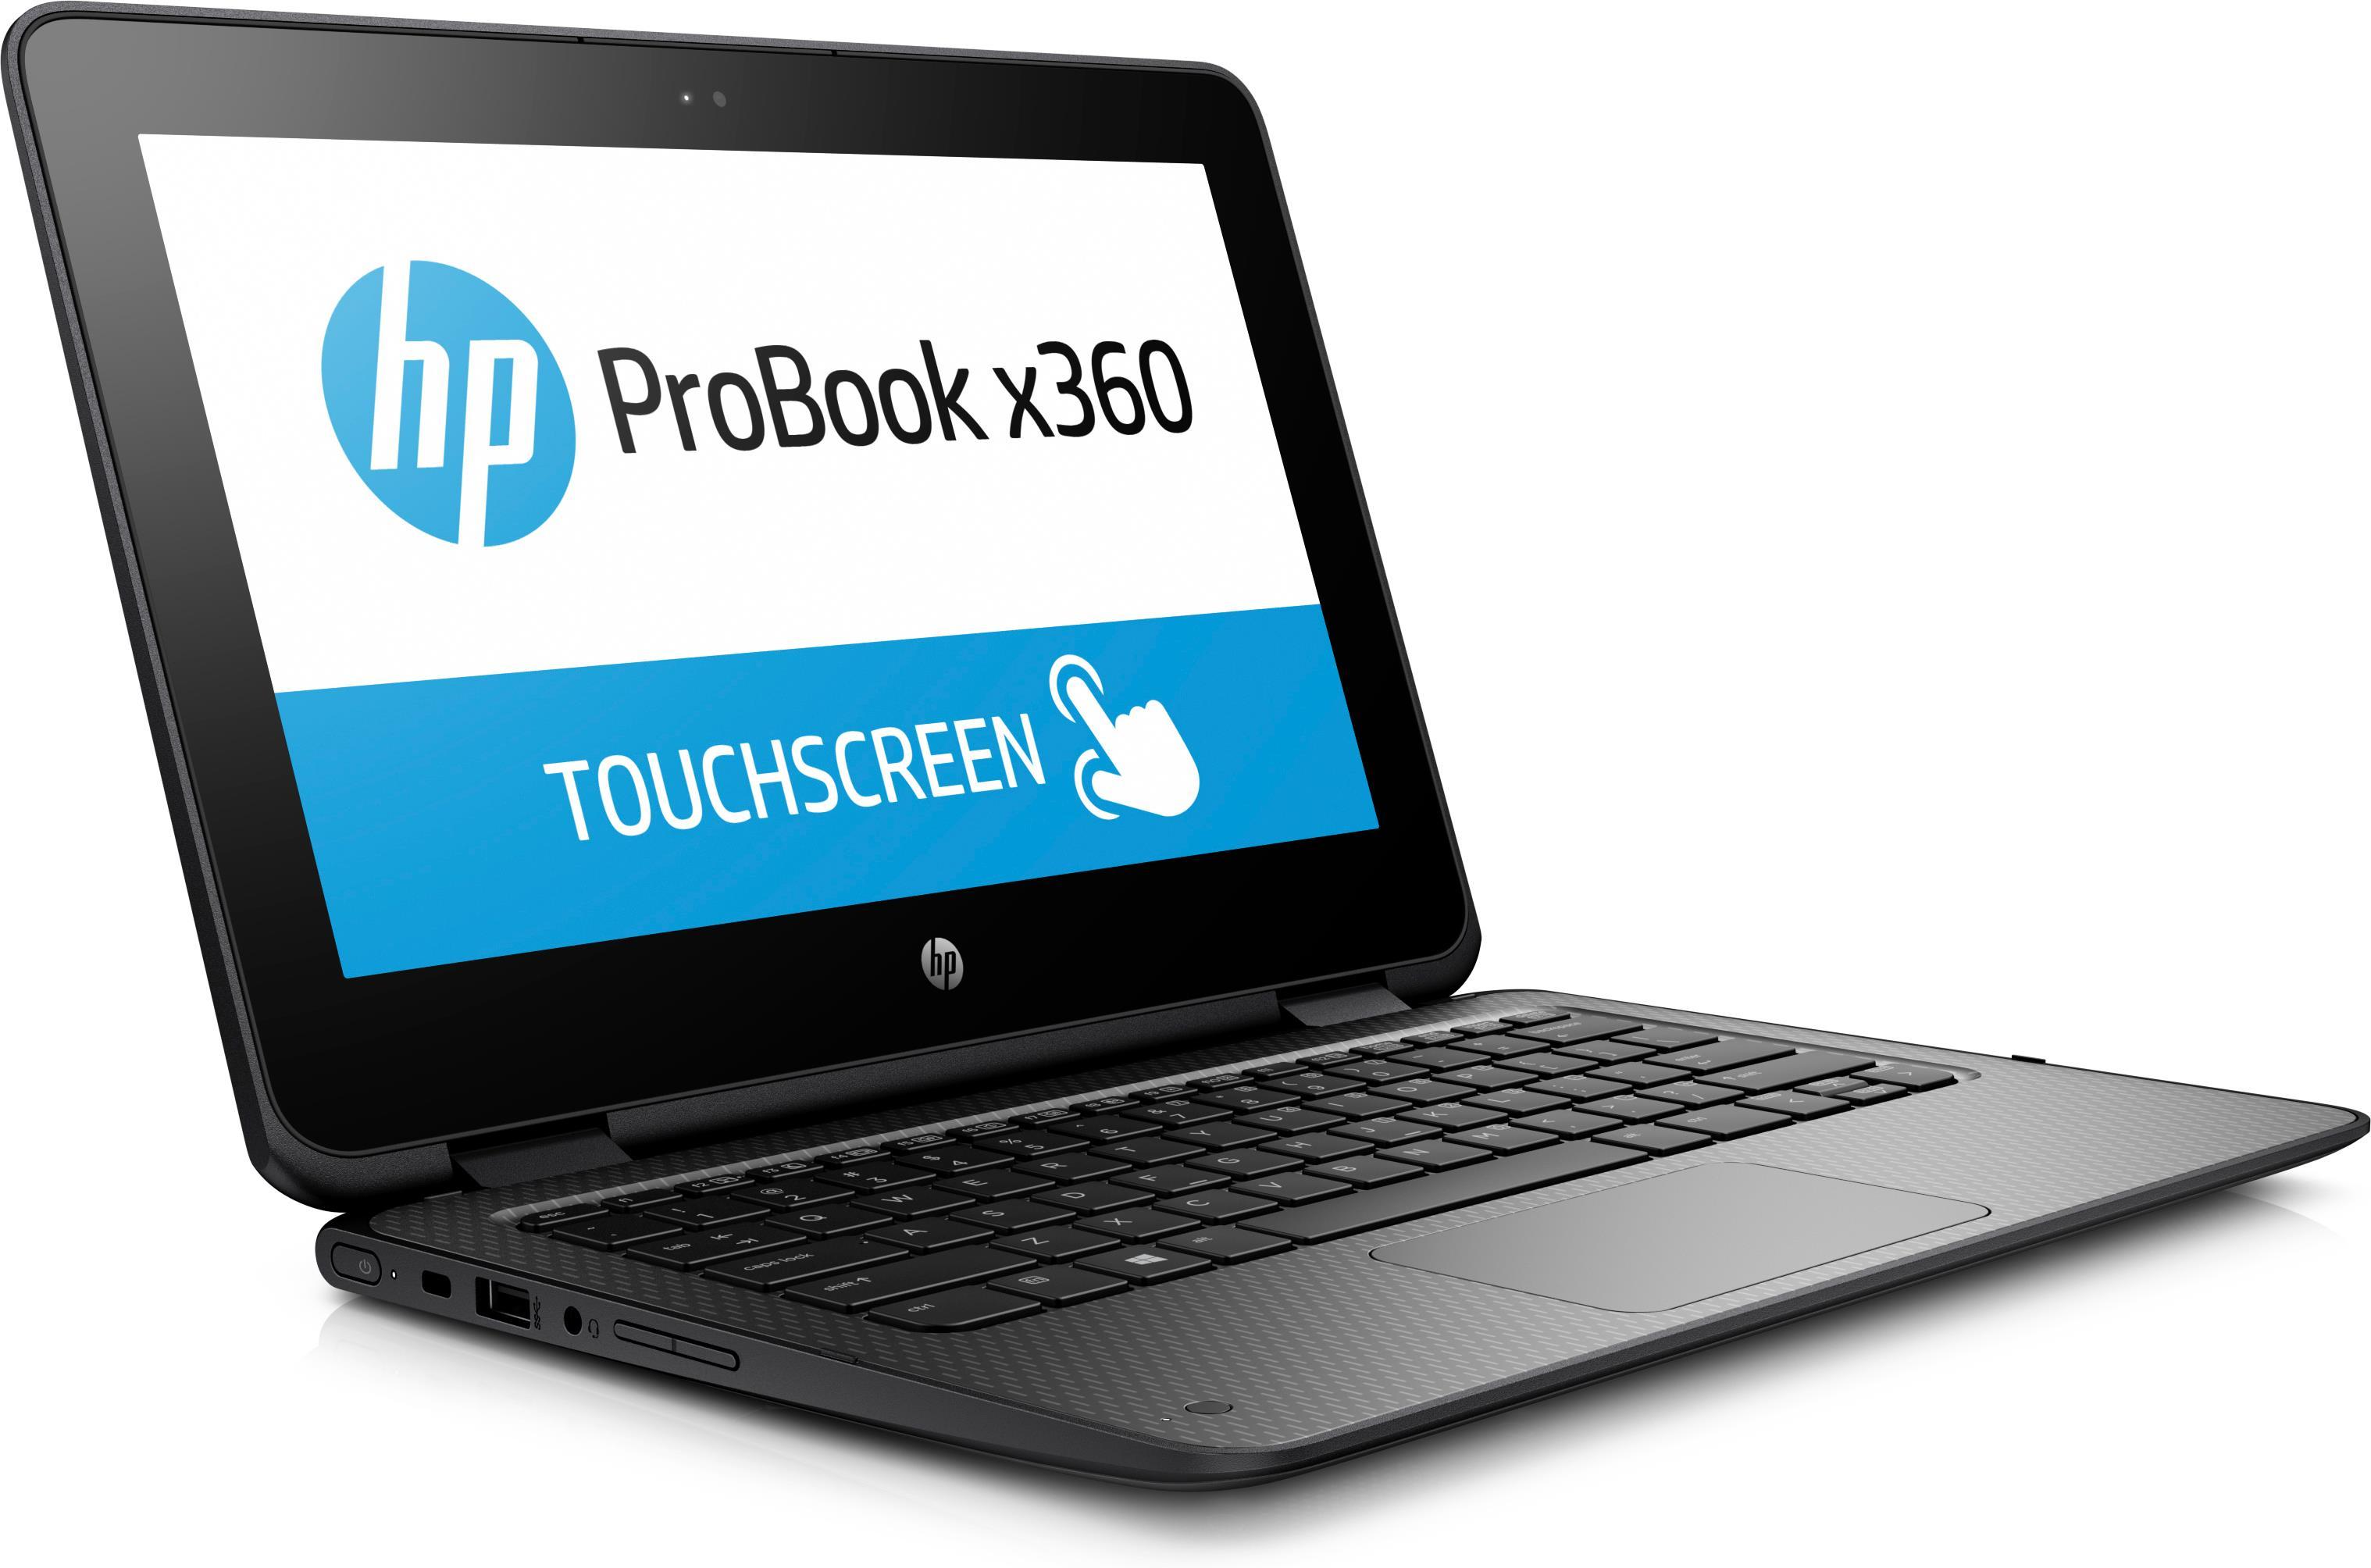 HP ProBook x360 11 G1 EE (11.6 inch Touchscreen) Notebook Pentium (N4200) 1.1GHz 4GB 128GB SSD WLAN BT Webcam Windows 10 Pro 64-bit (HD Graphics 505)